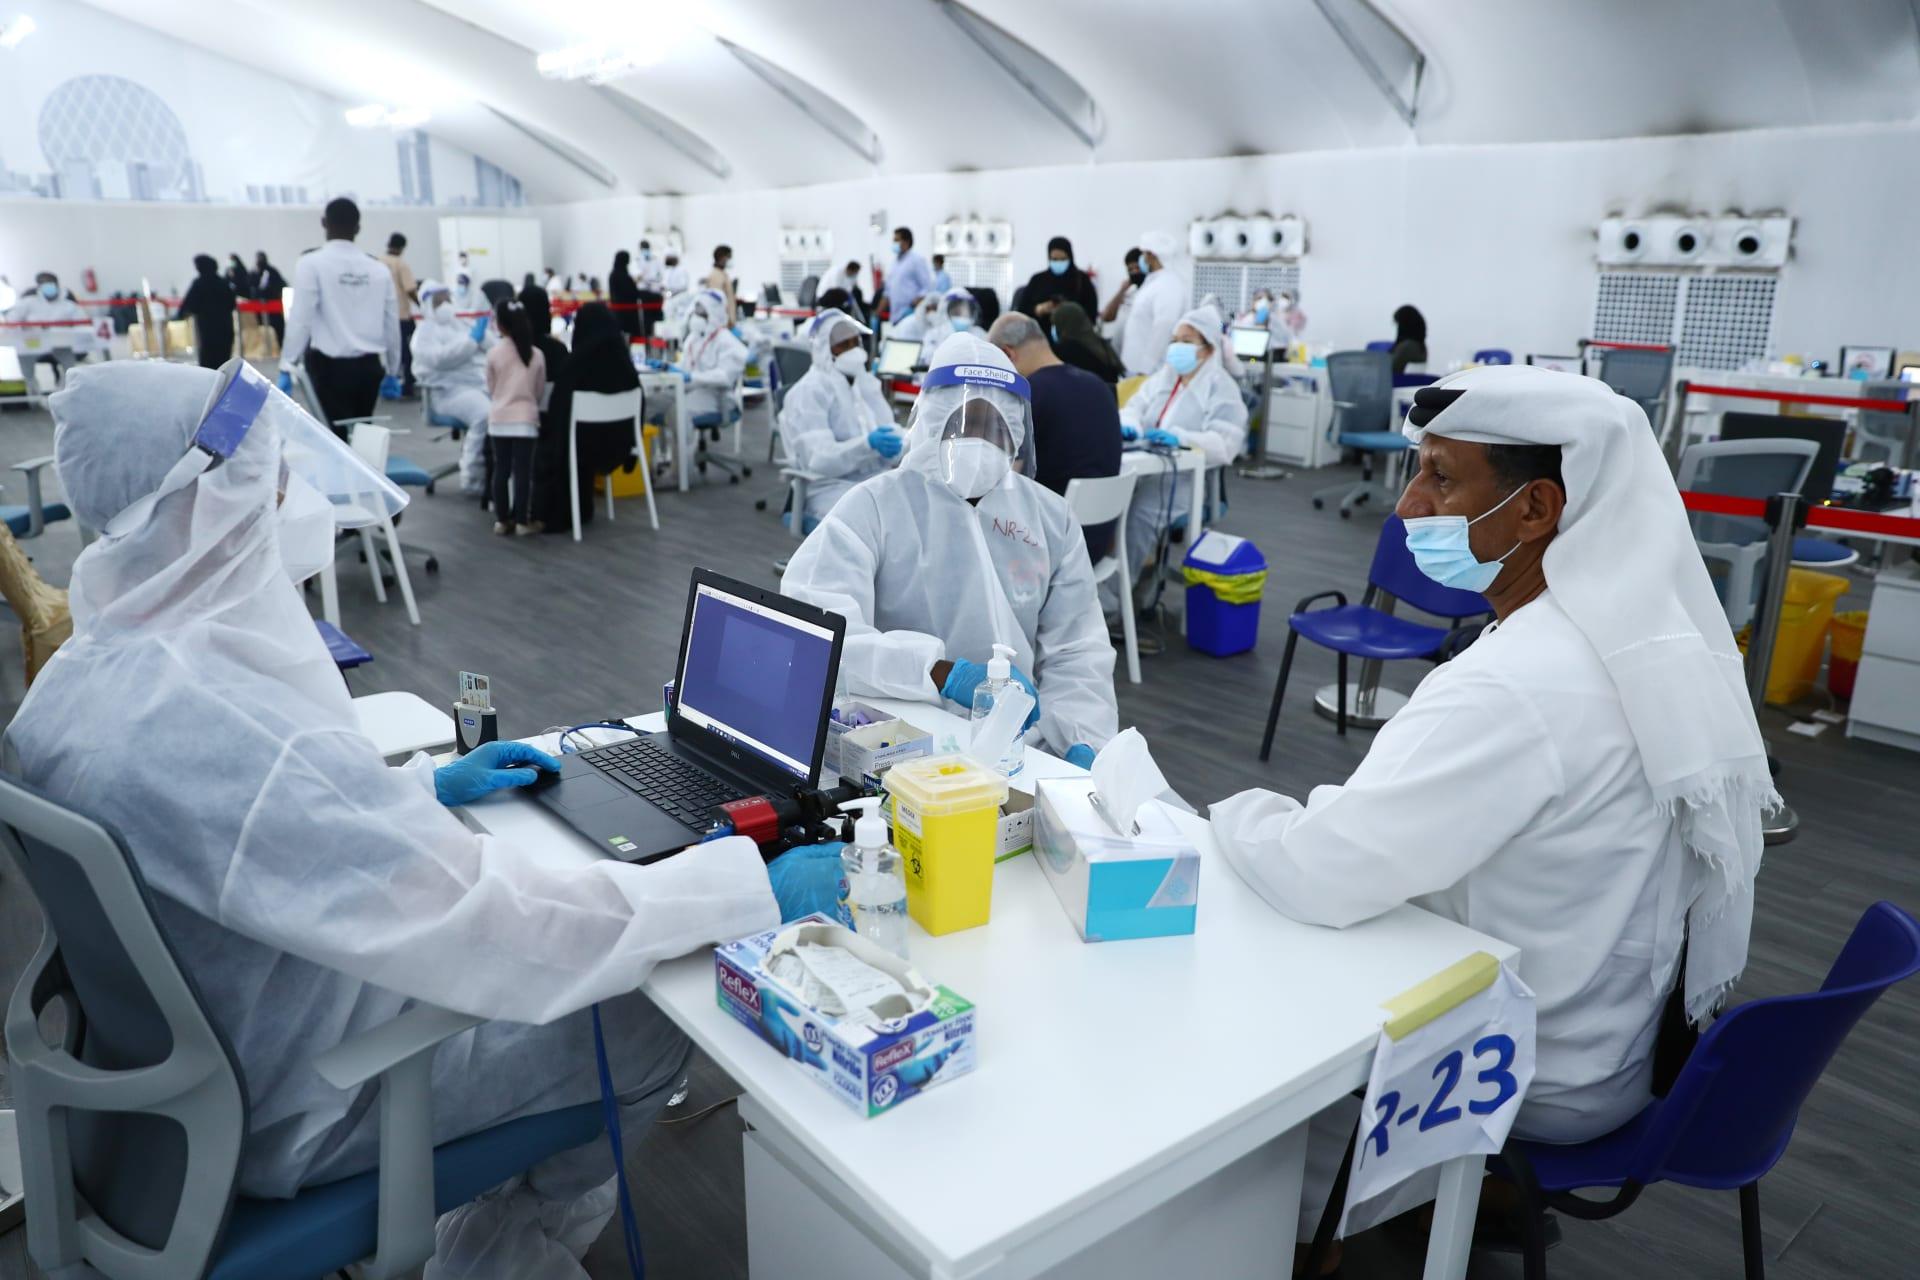 صورة أرشيفية من مركز لفحص فيروس كورونا في الإمارات